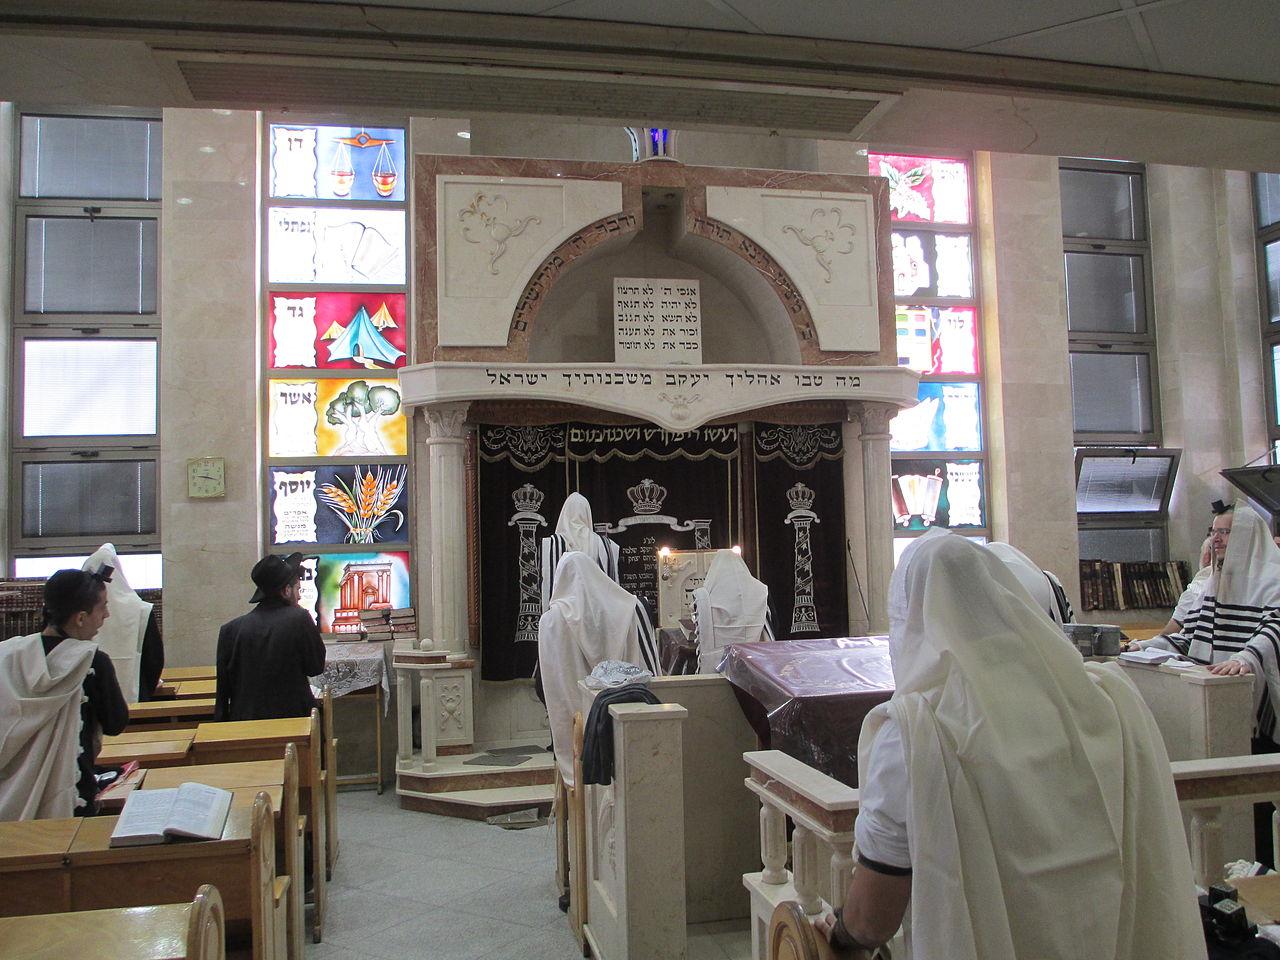 """תפילה במניין בבית הכנסת איצקוביץ' בבני ברק. צילום: ד""""ר אבישי טייכר, ויקיפדיה"""